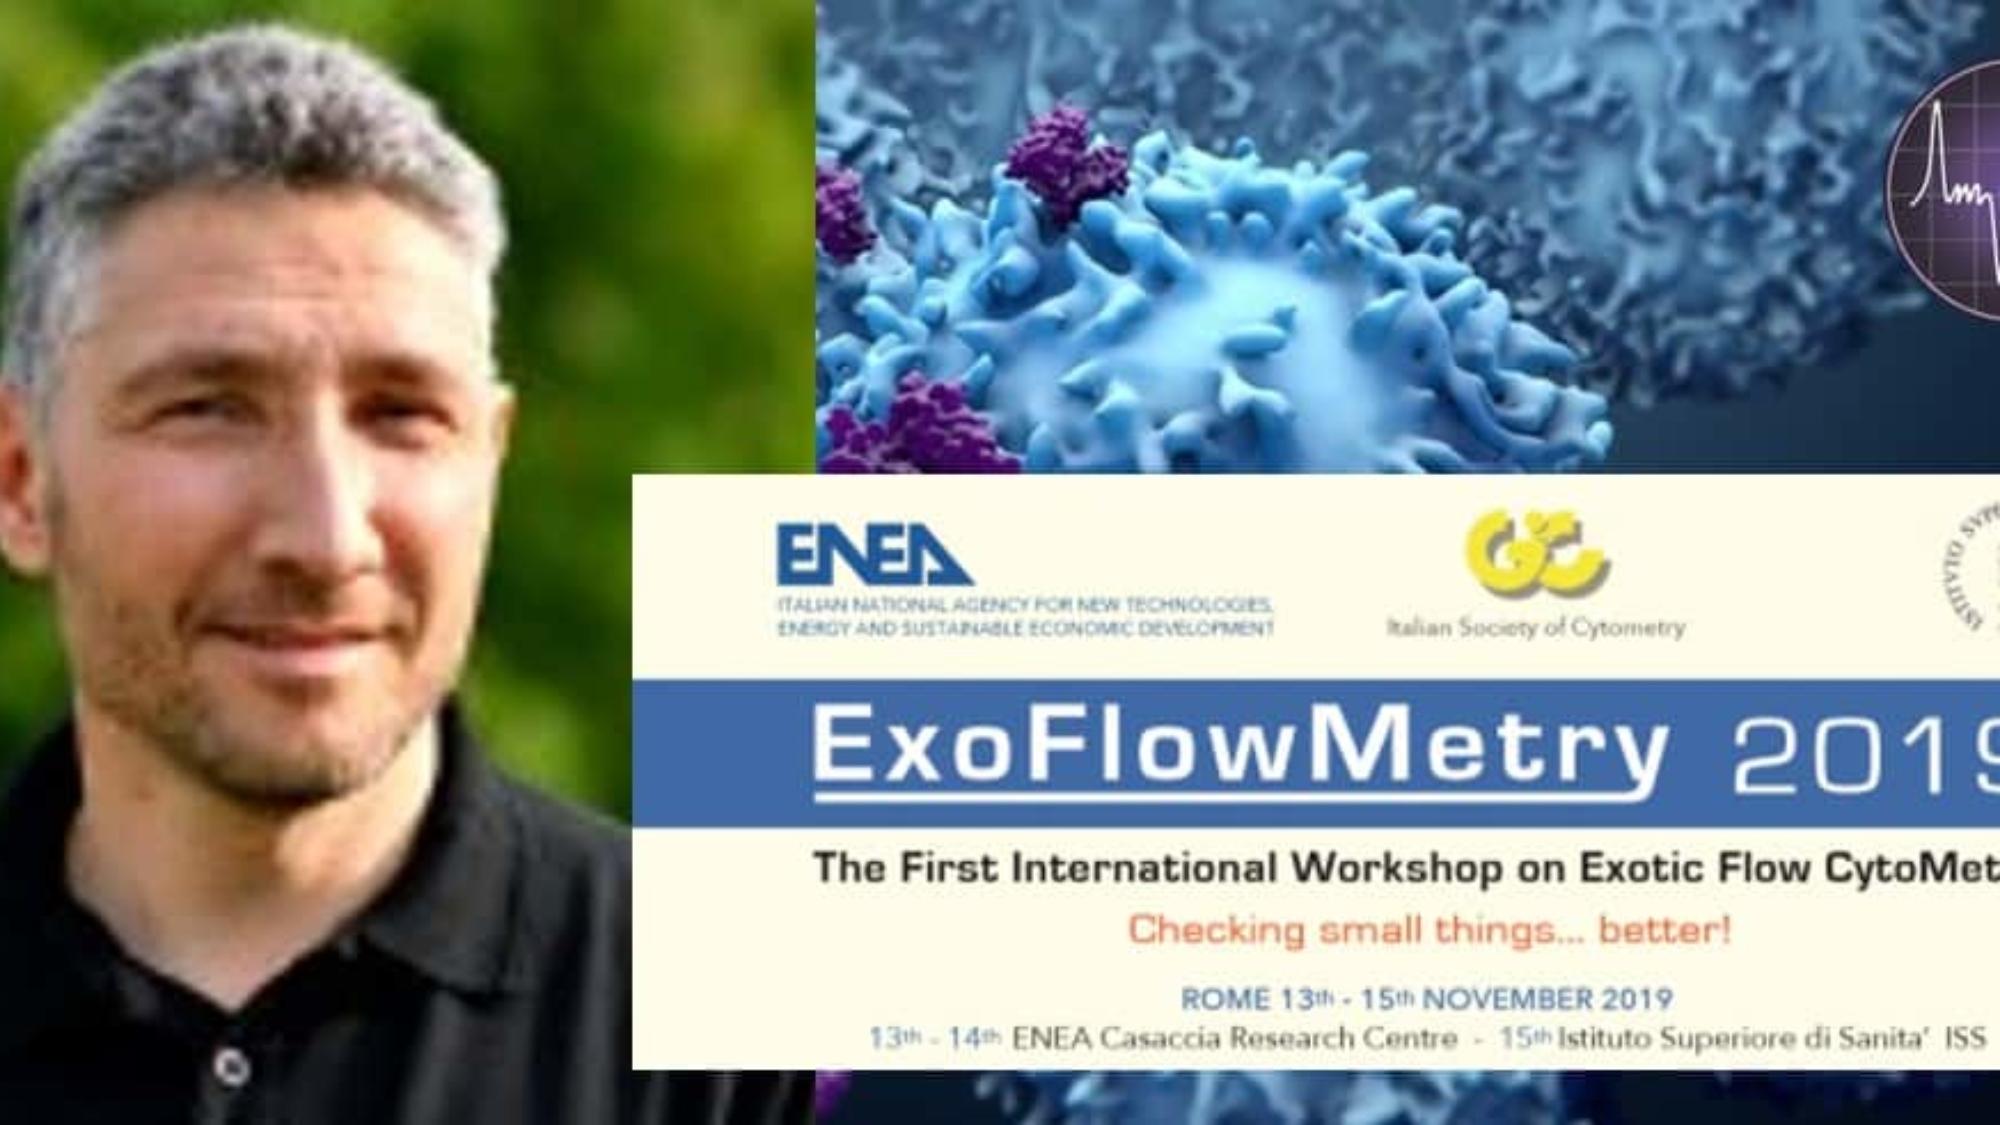 Marco Di Berardino will be attending the 1st ExoFlowMetry Meeting